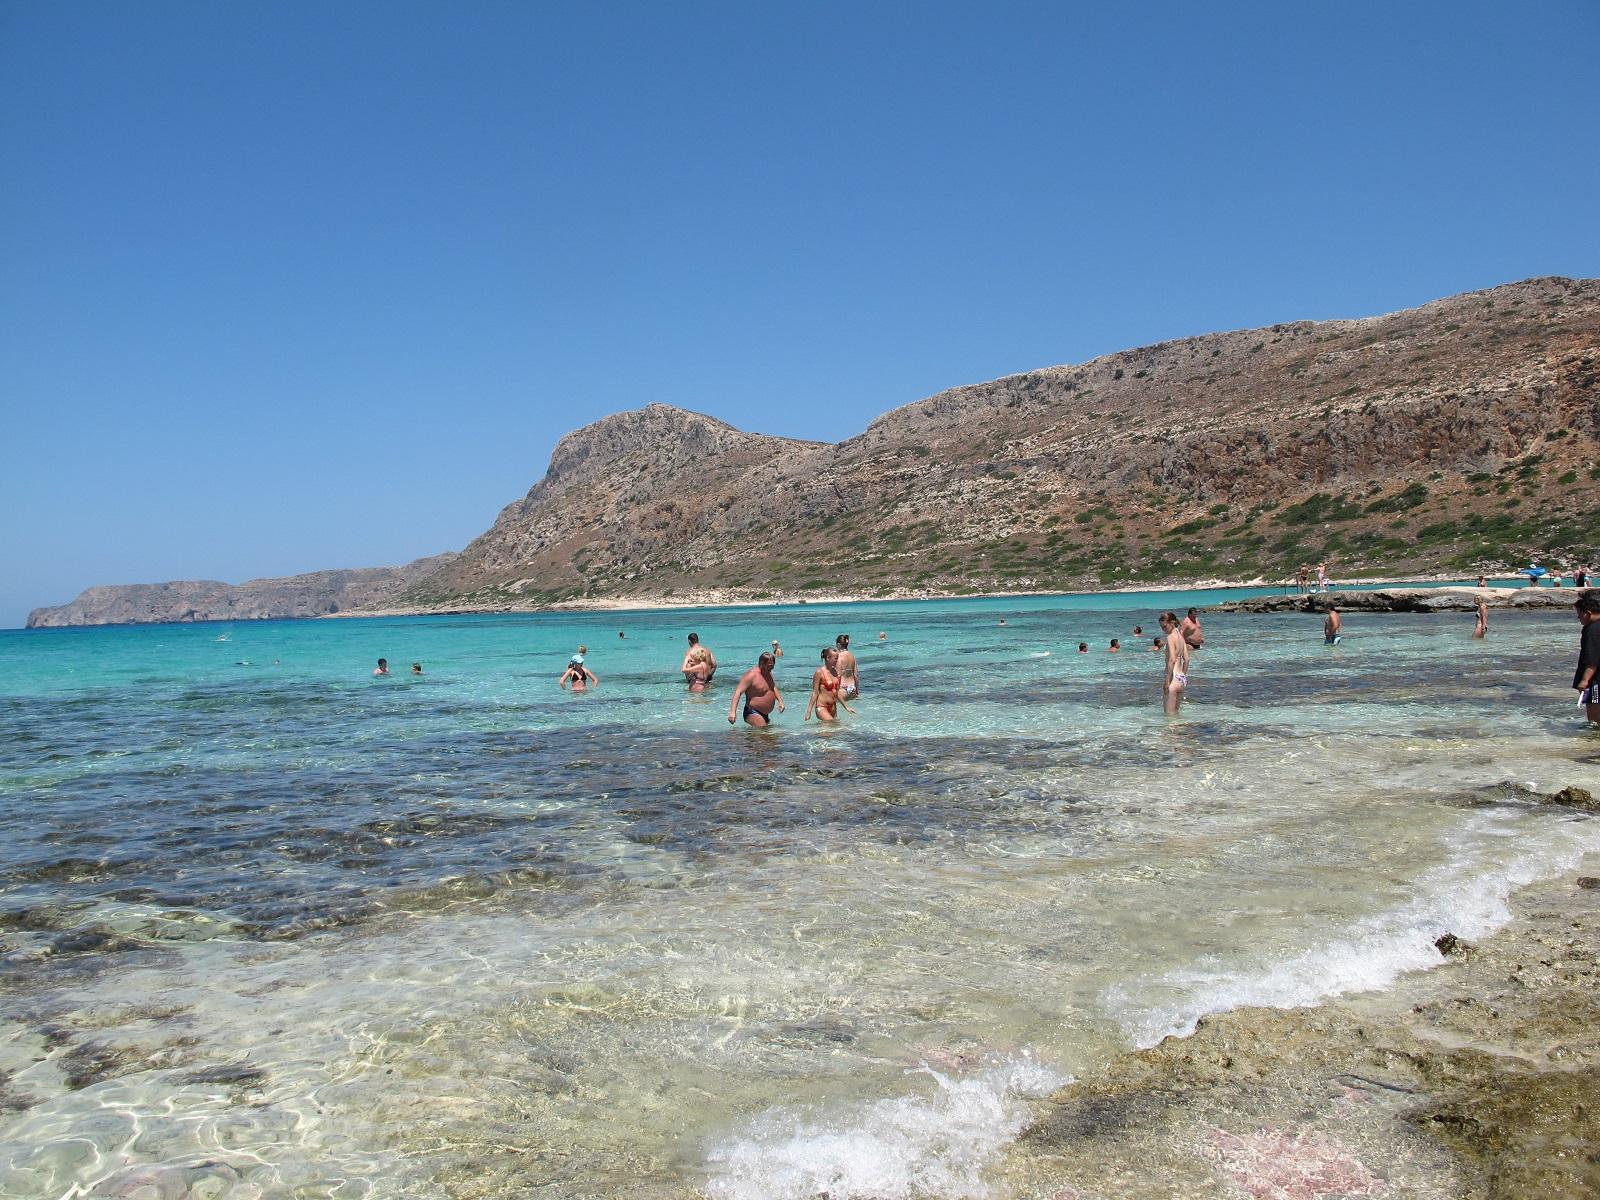 Вода в бухте Балос, Крит, Греция